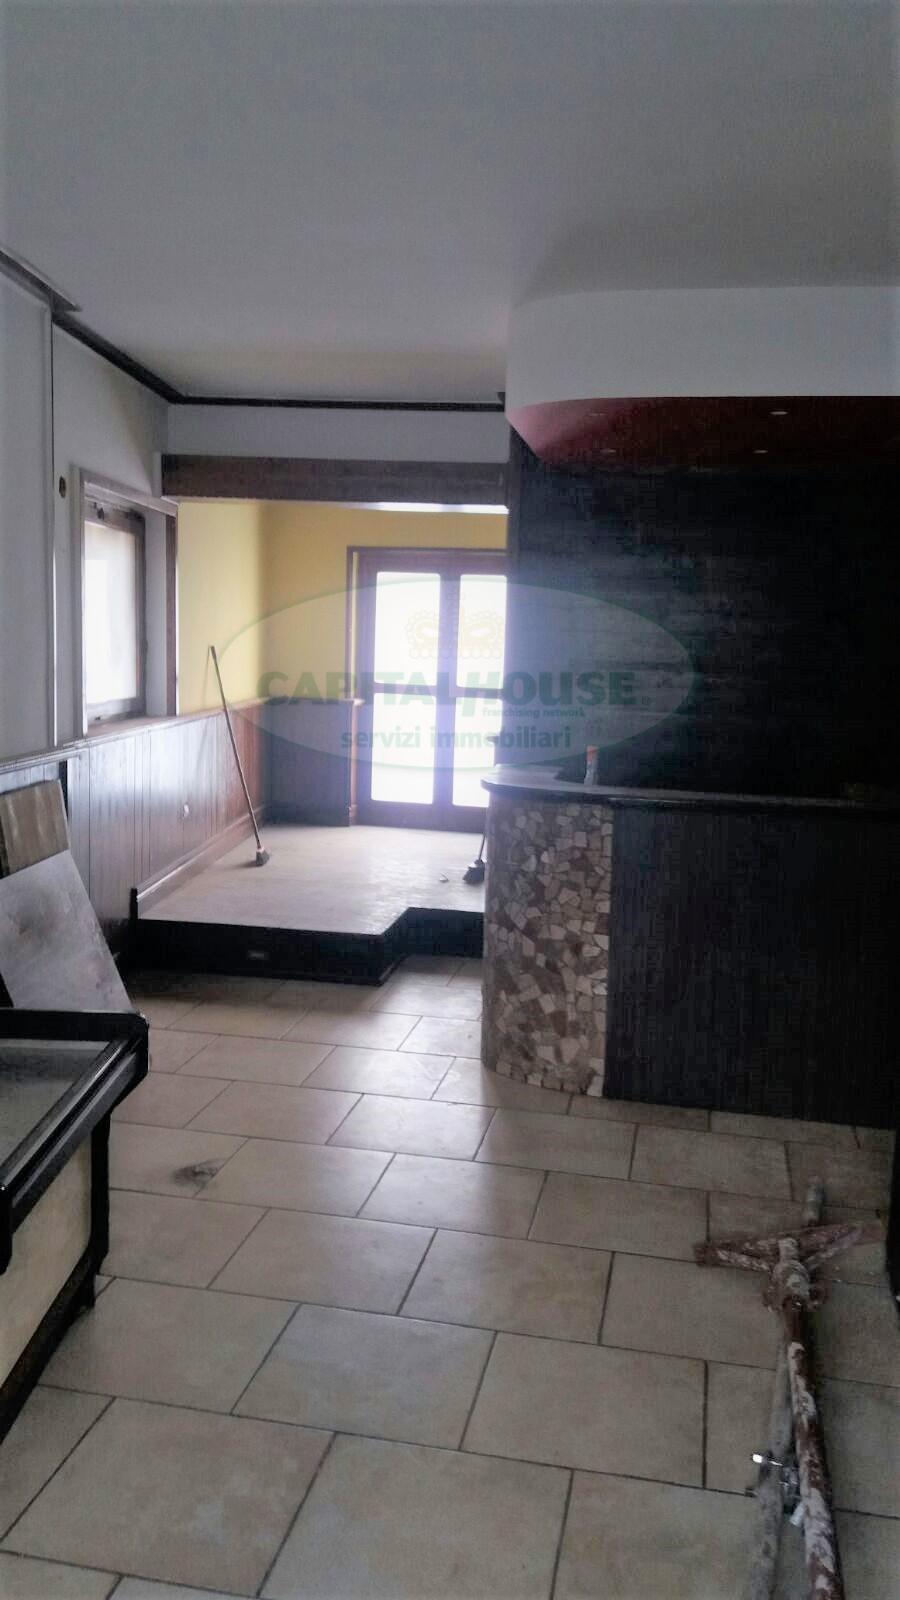 Negozio / Locale in affitto a Avellino, 9999 locali, zona Località: ViaFrancescoTedesco, prezzo € 350 | Cambio Casa.it